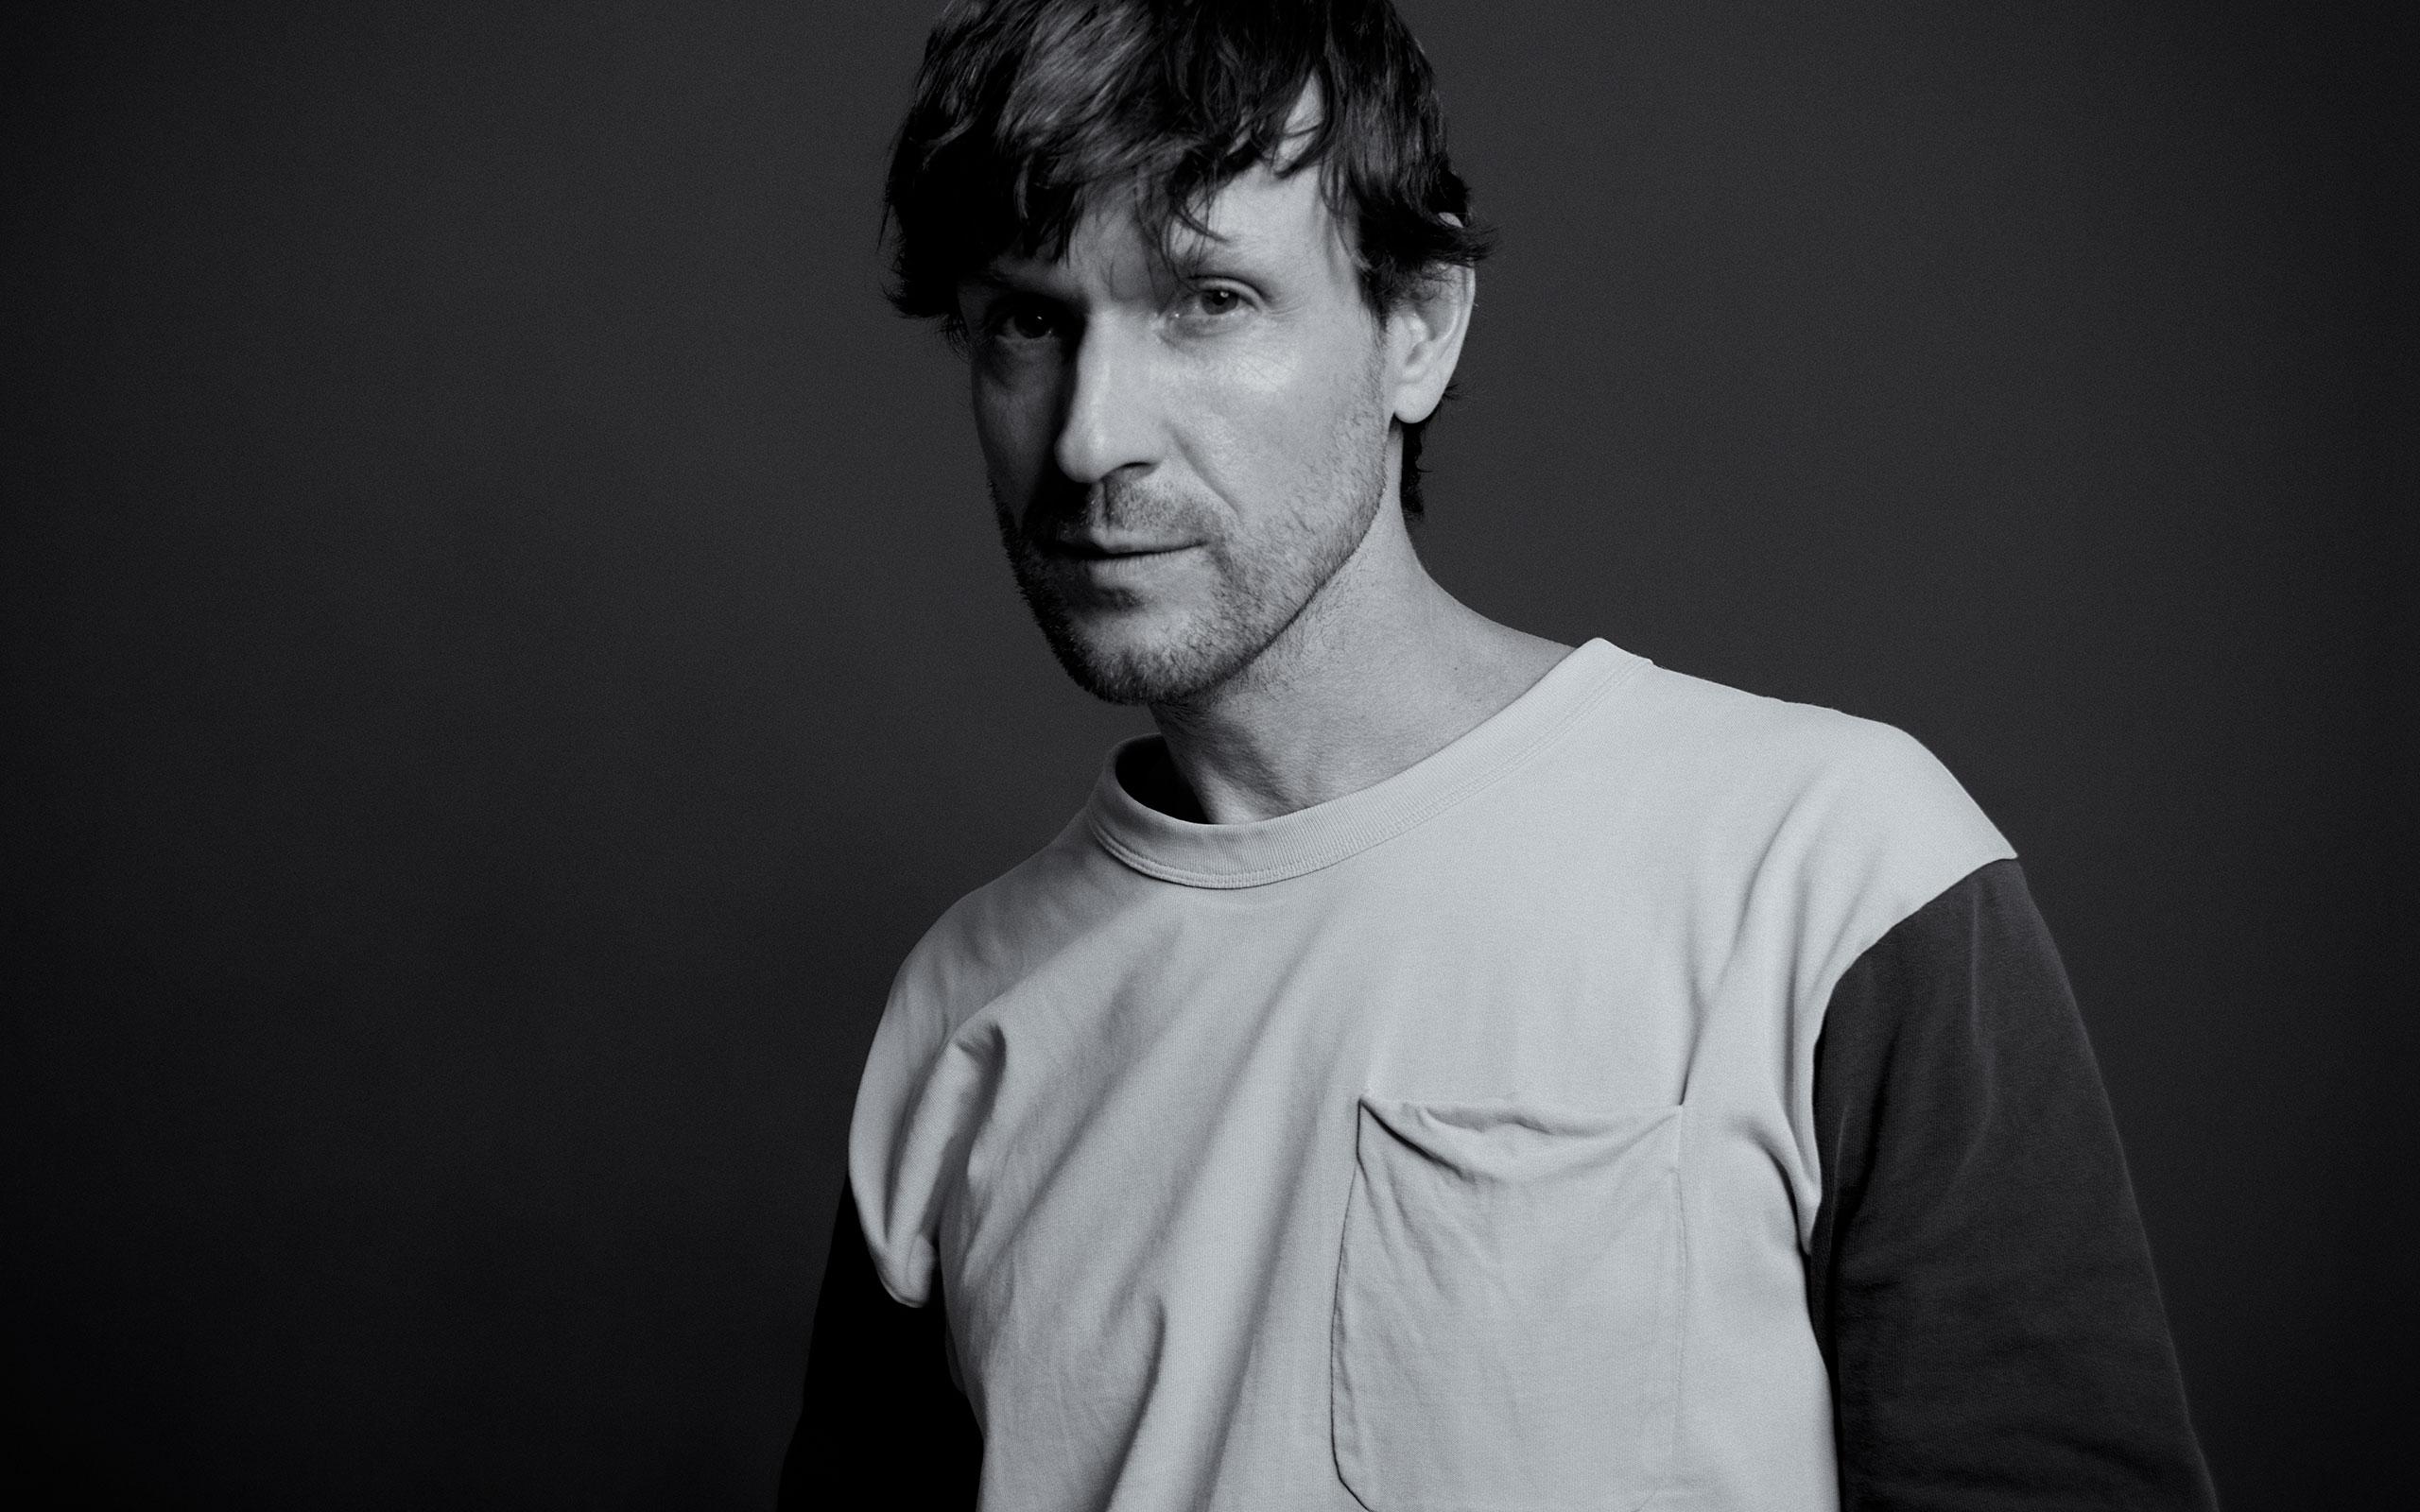 不器用に、だけども素直に。世界を愛するデザイナー Bernhard Willhelm (ベルンハルト・ウィルヘルム) インタビュー